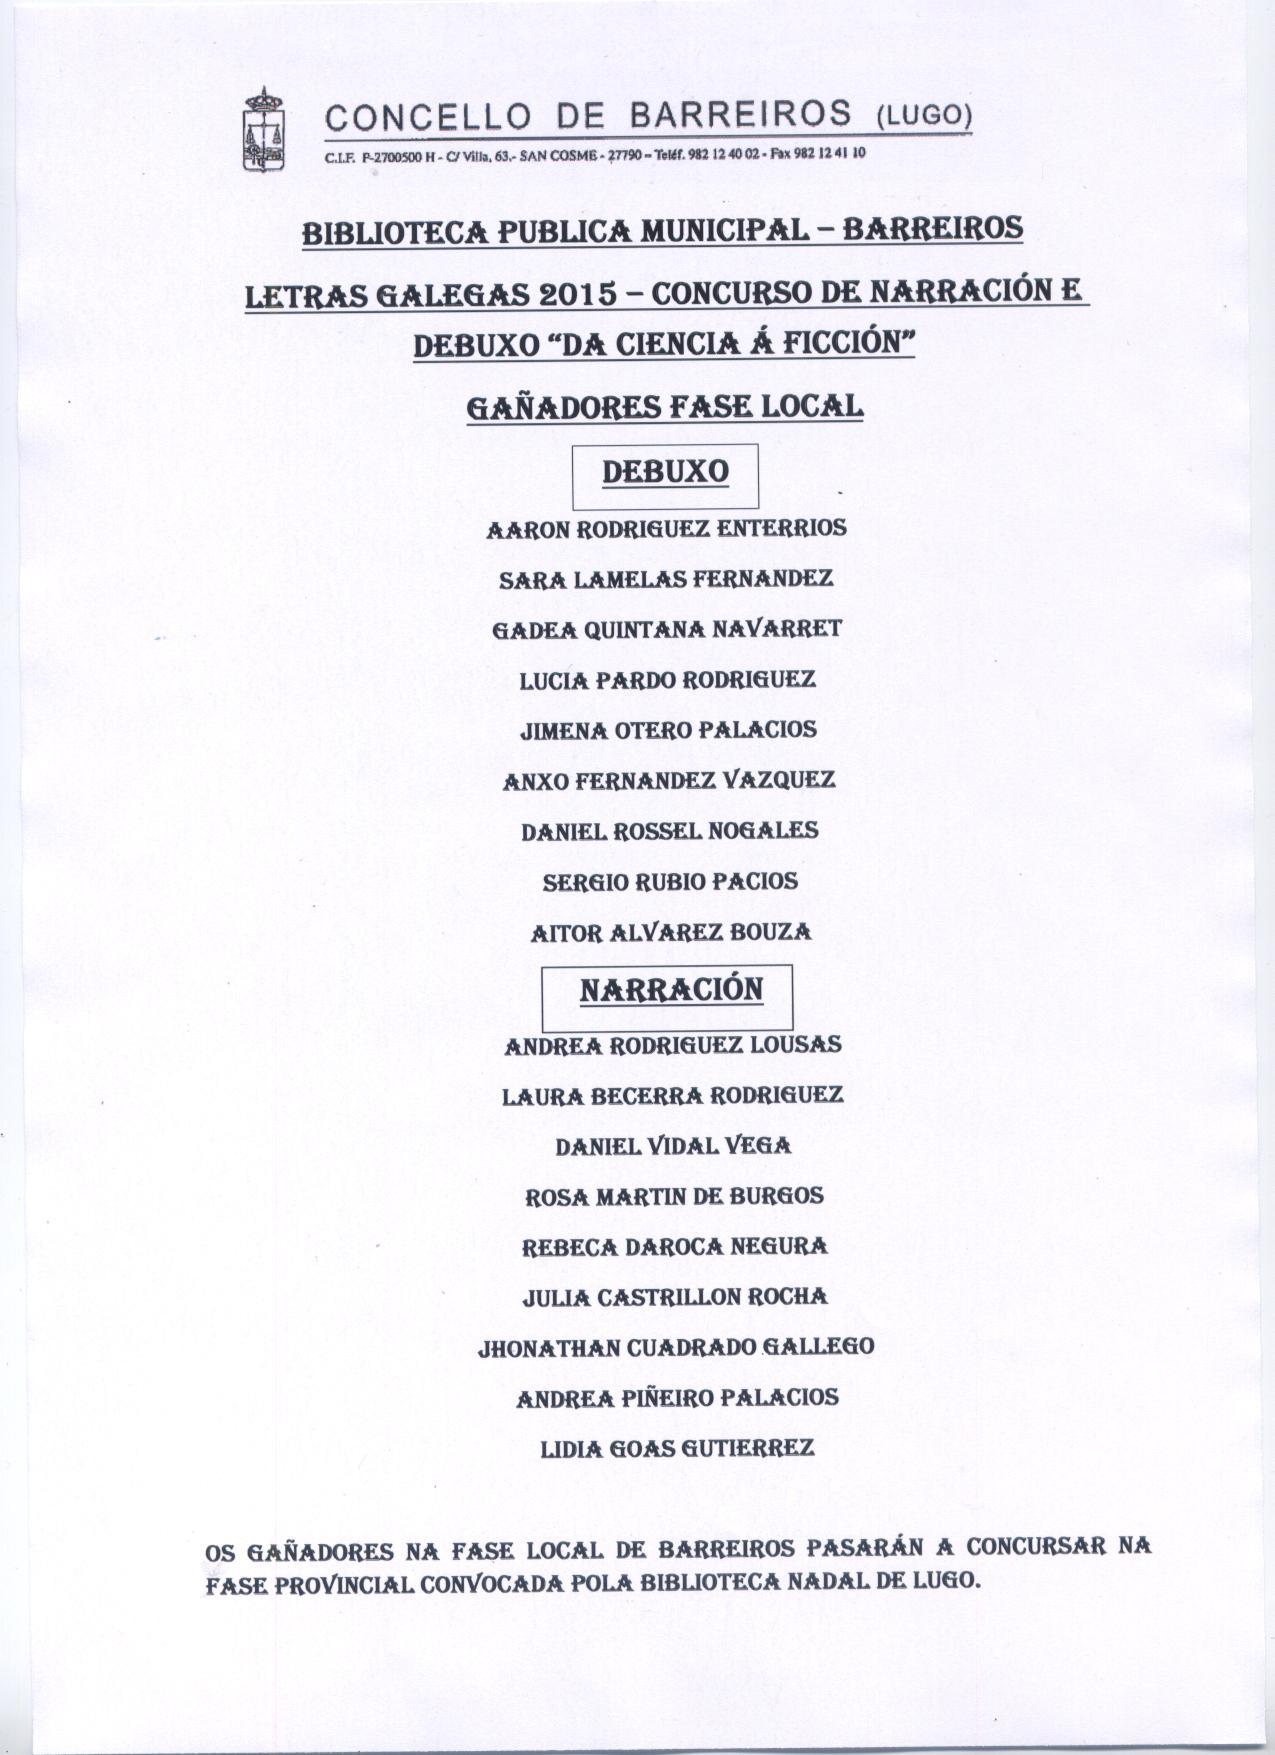 CONCURSO LETRAS GALEGAS